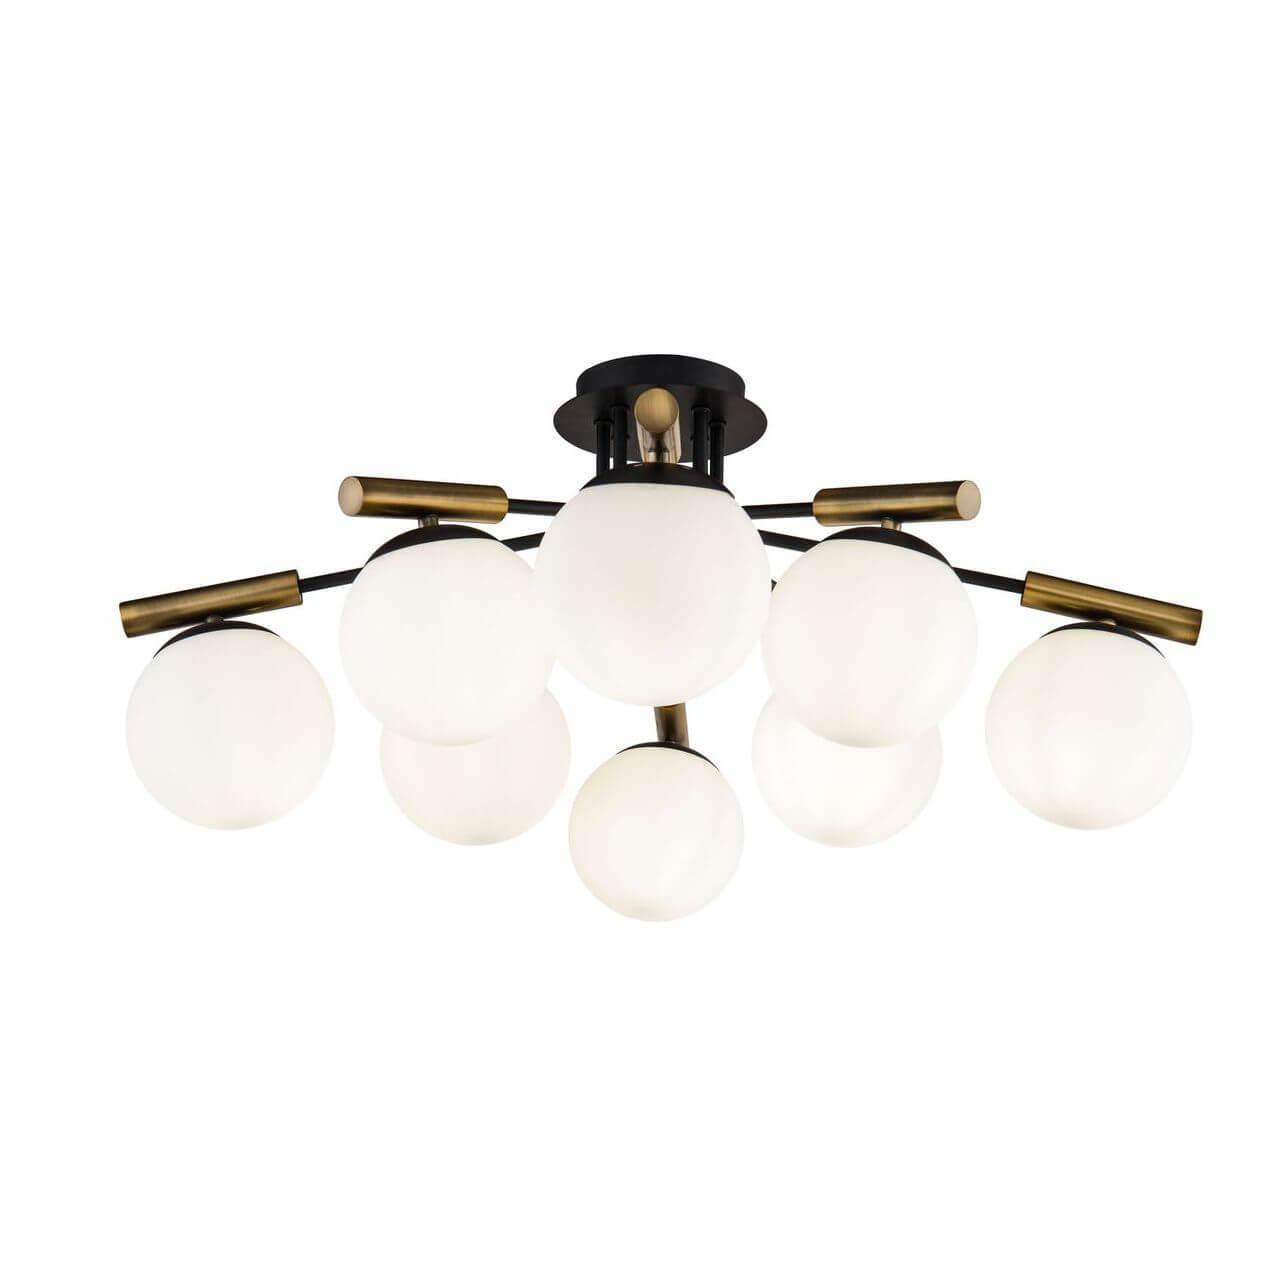 цены на Потолочный светильник Freya FR5011CL-08B, E14, 40 Вт  в интернет-магазинах